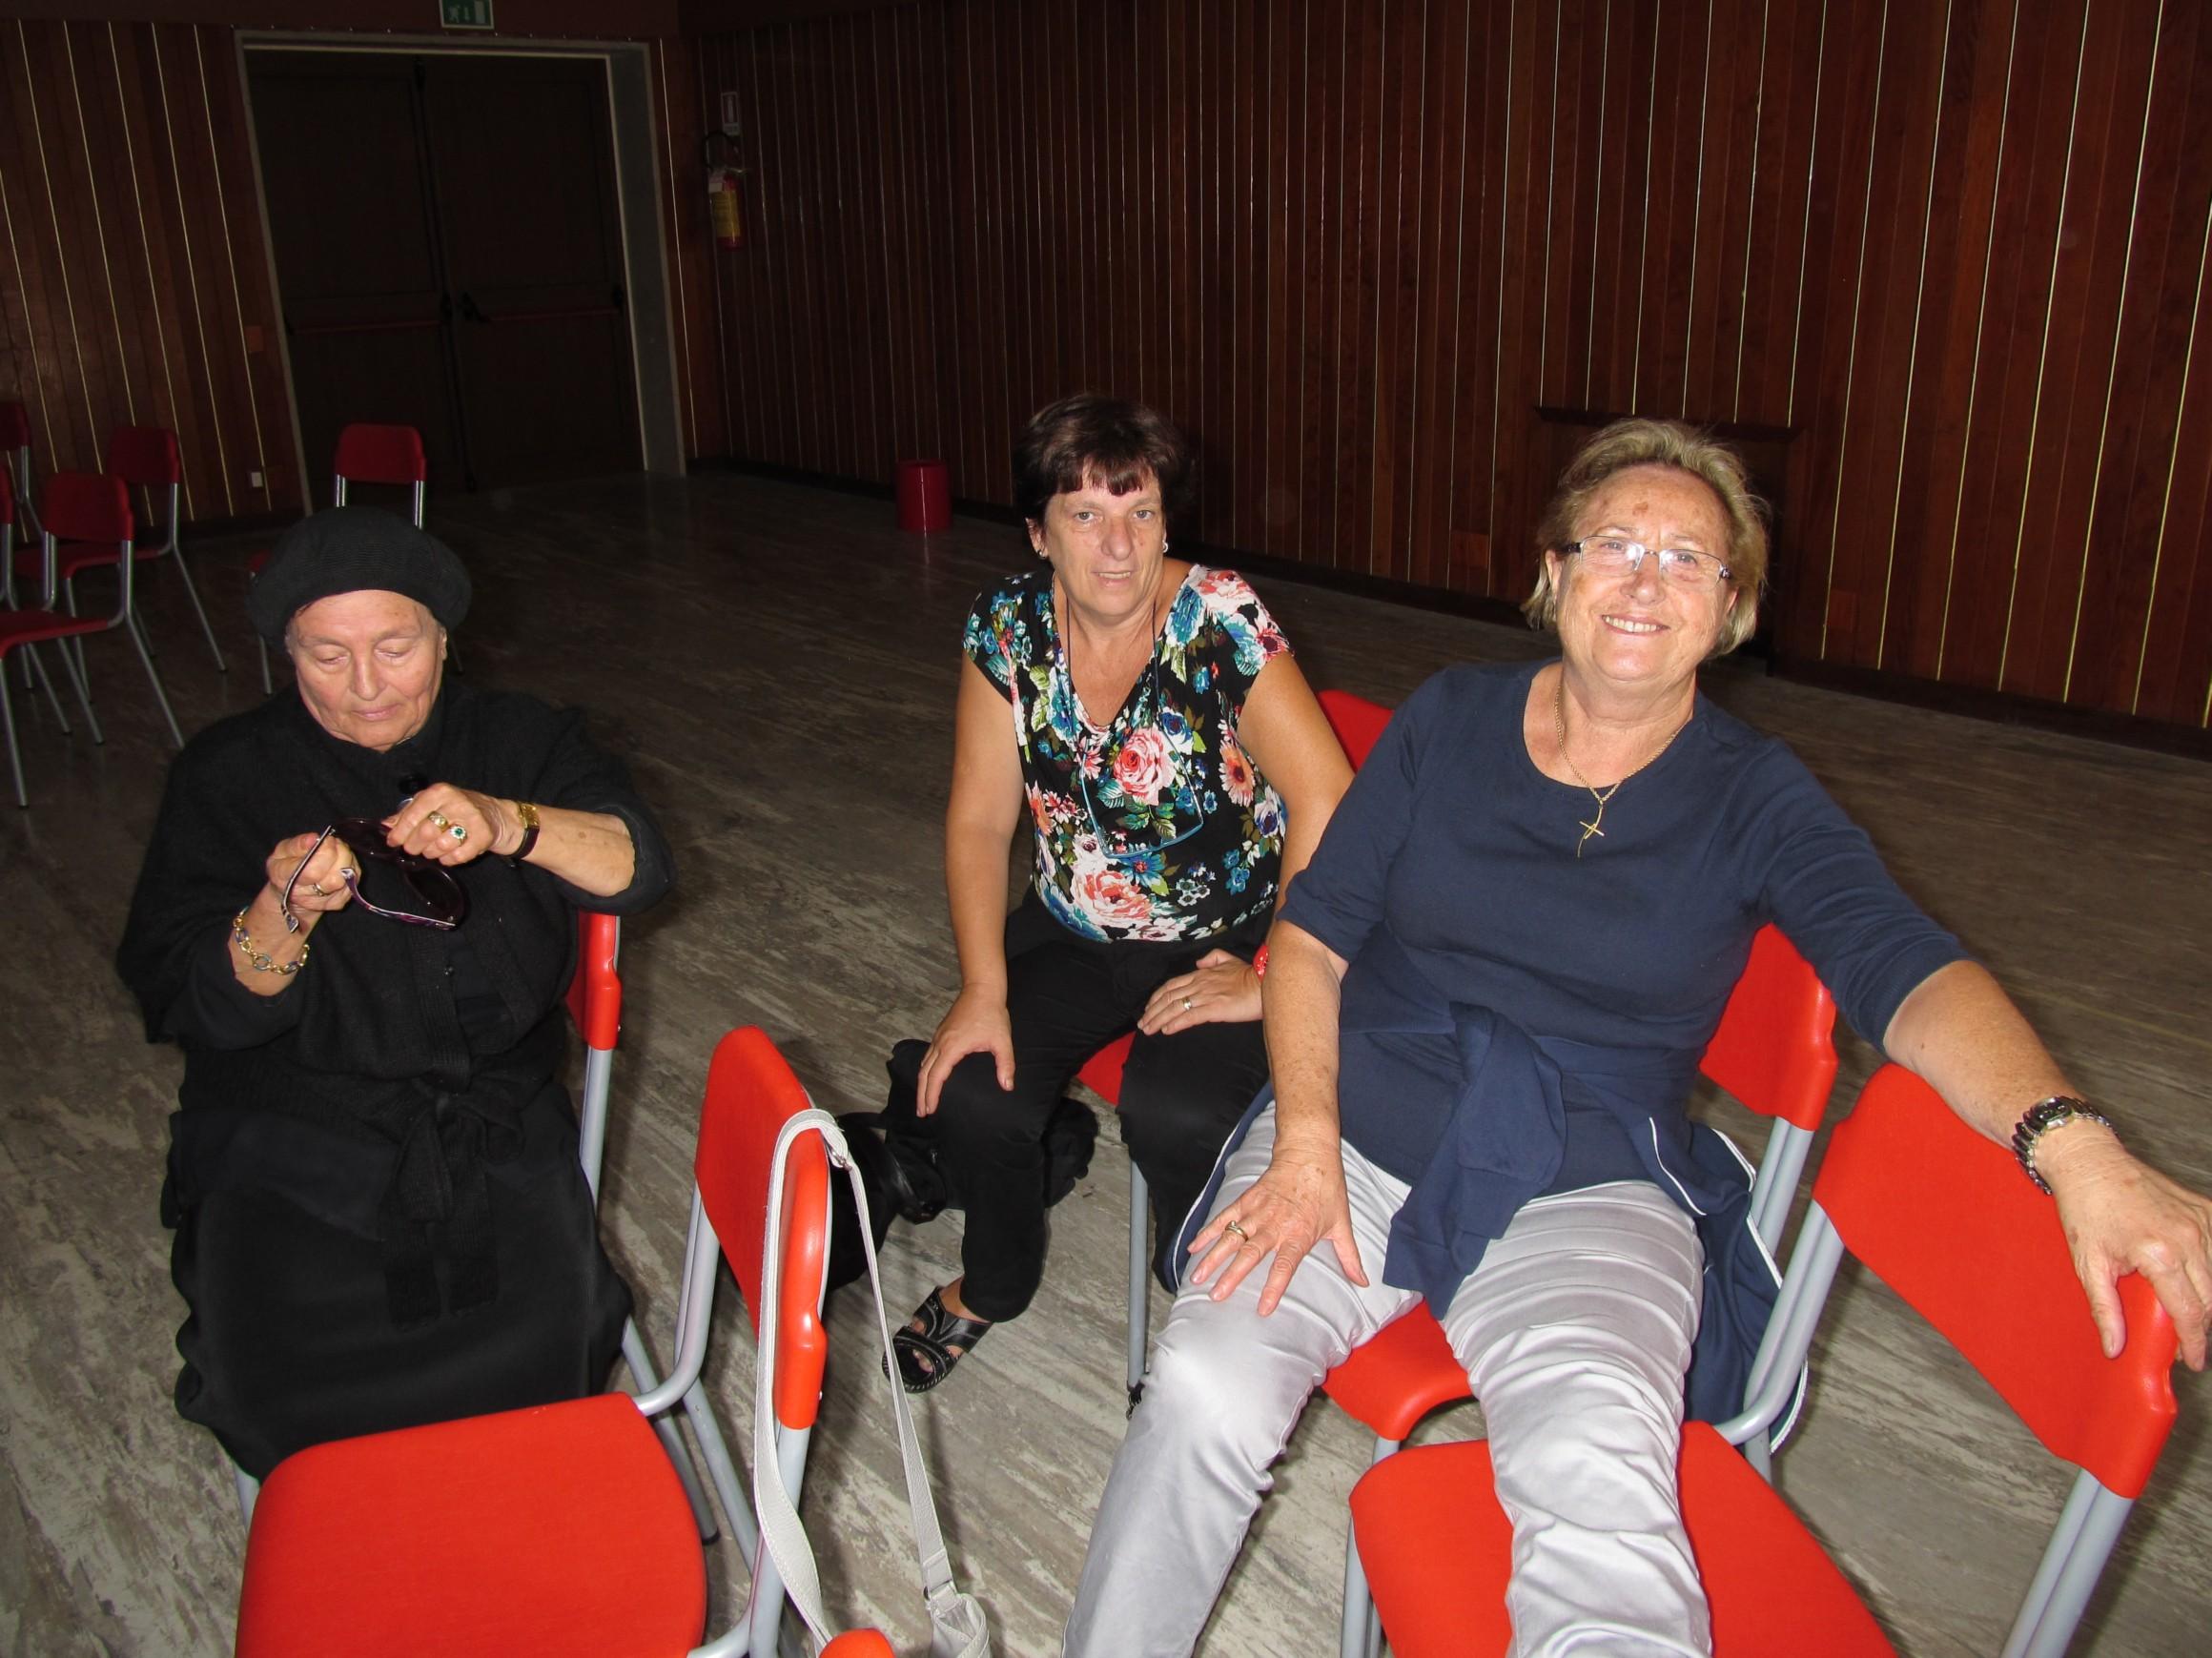 giornata_comunita_arenzano-2013-09-22-14-29-01